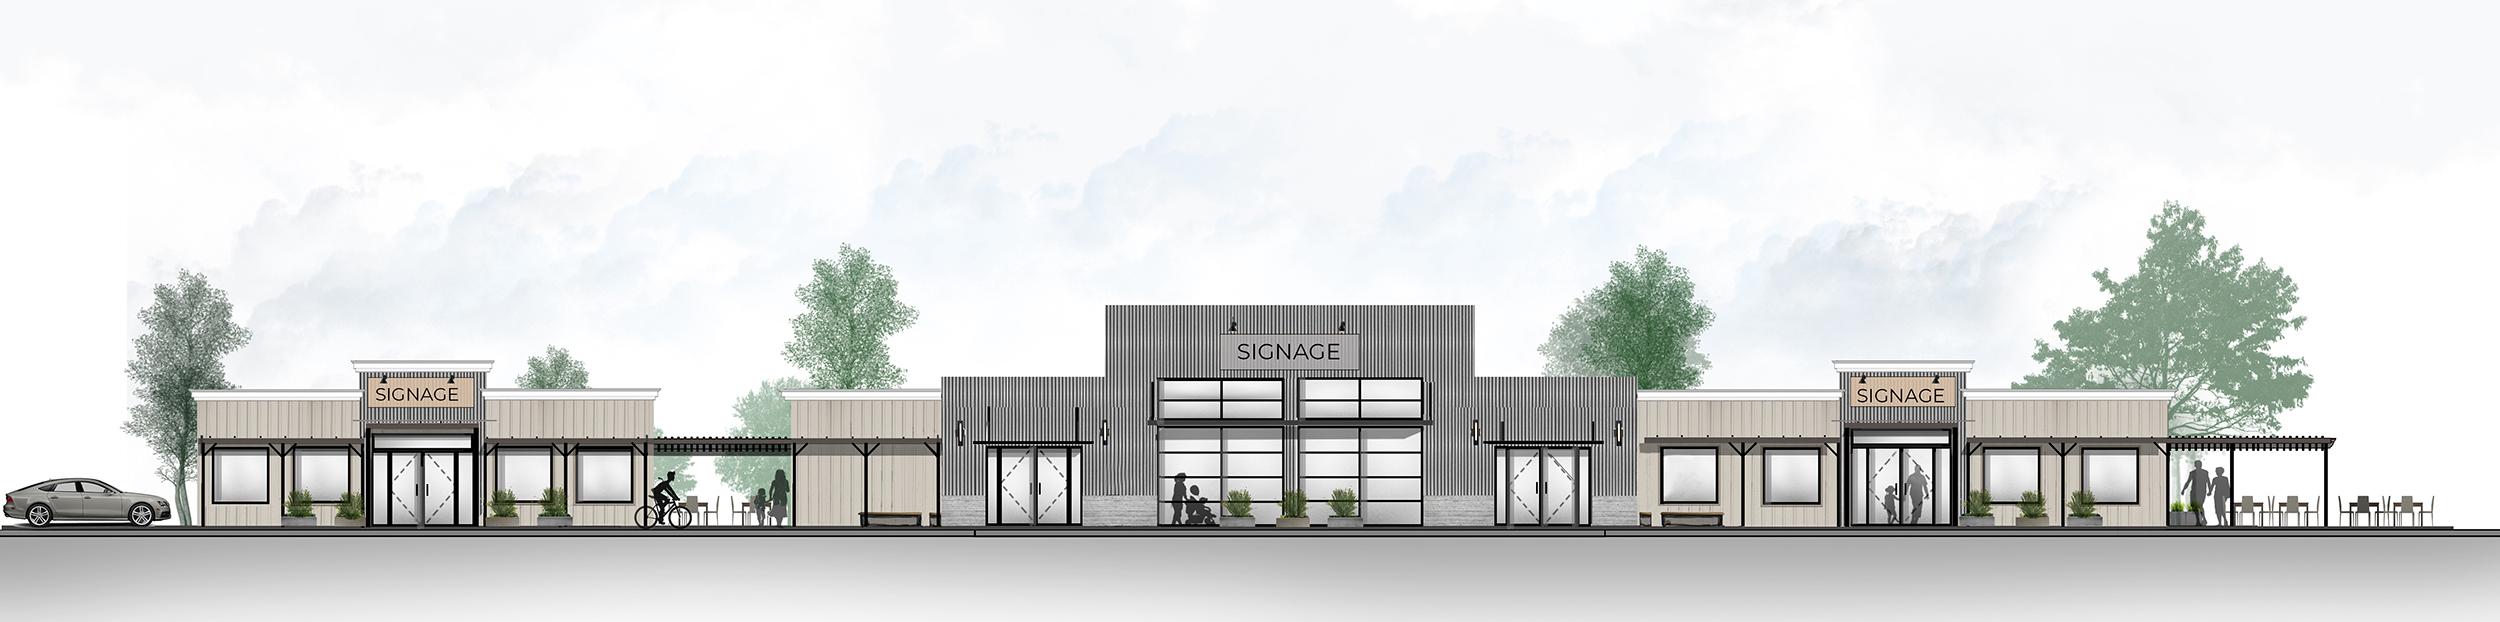 Exterior front elevation Gravenstein Hwy Retail